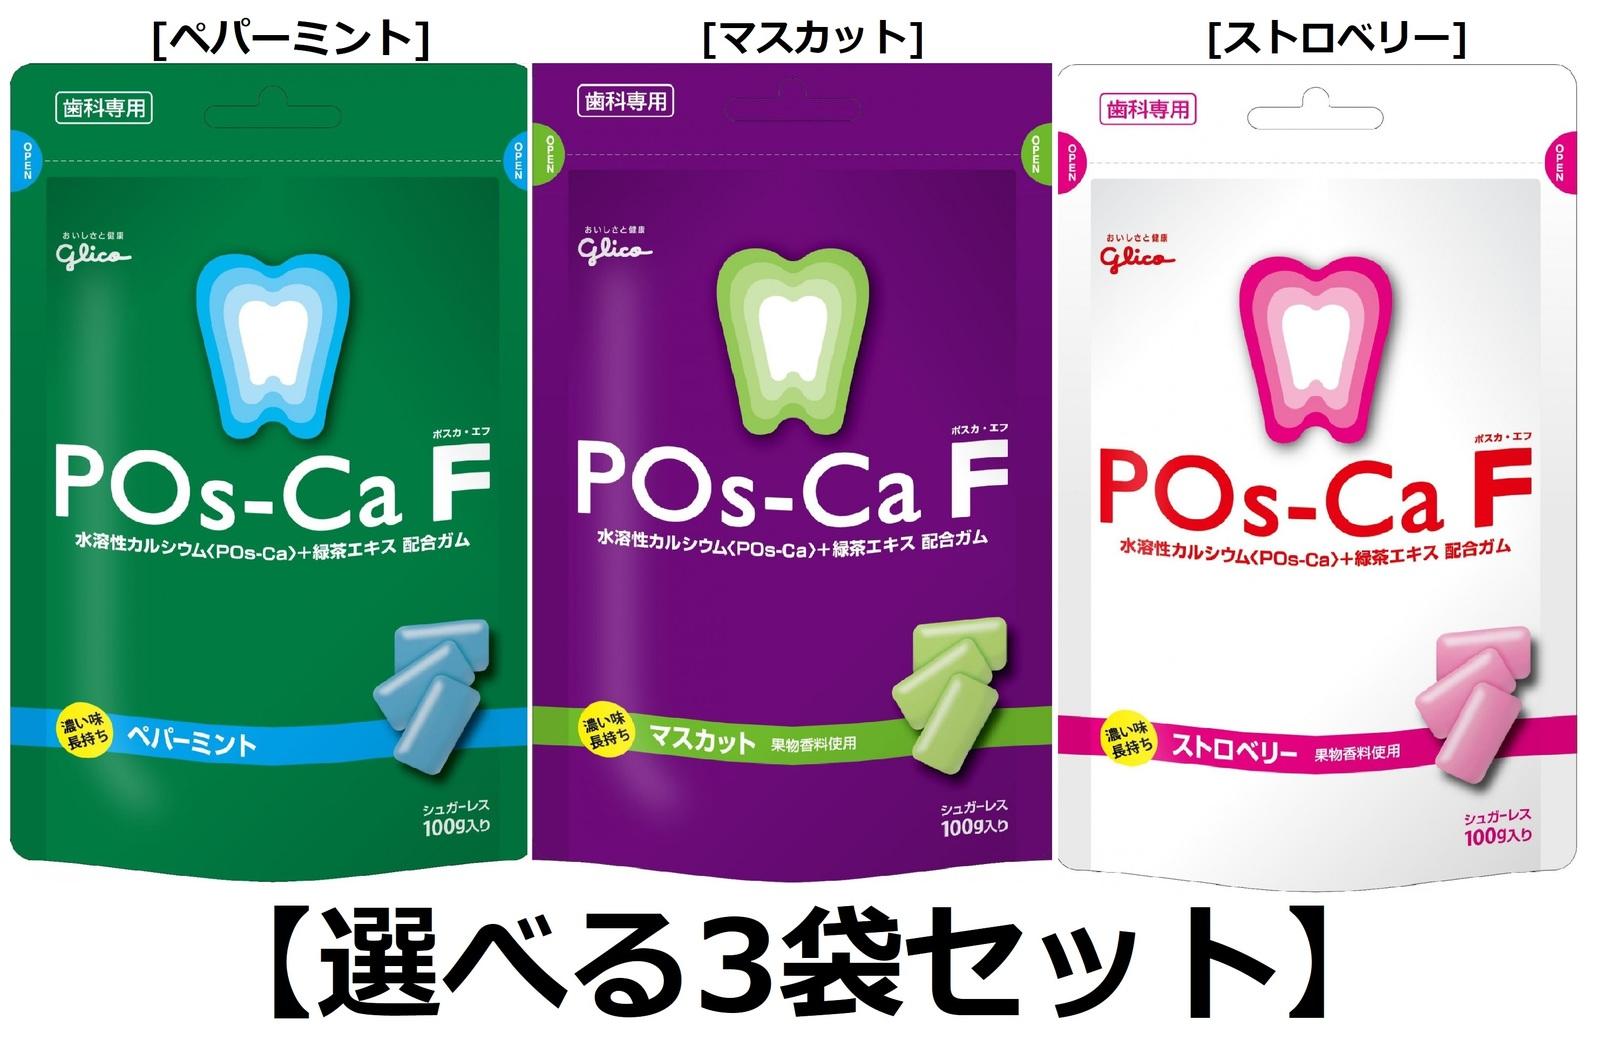 3種のフレーバーよりお好みにあわせて3袋お選び下さい 選べる3袋セット ポスカ エフ POs-Ca F パウチタイプ 安値 マスカット !超美品再入荷品質至上! ストロベリー 歯科専売品 ペパーミント